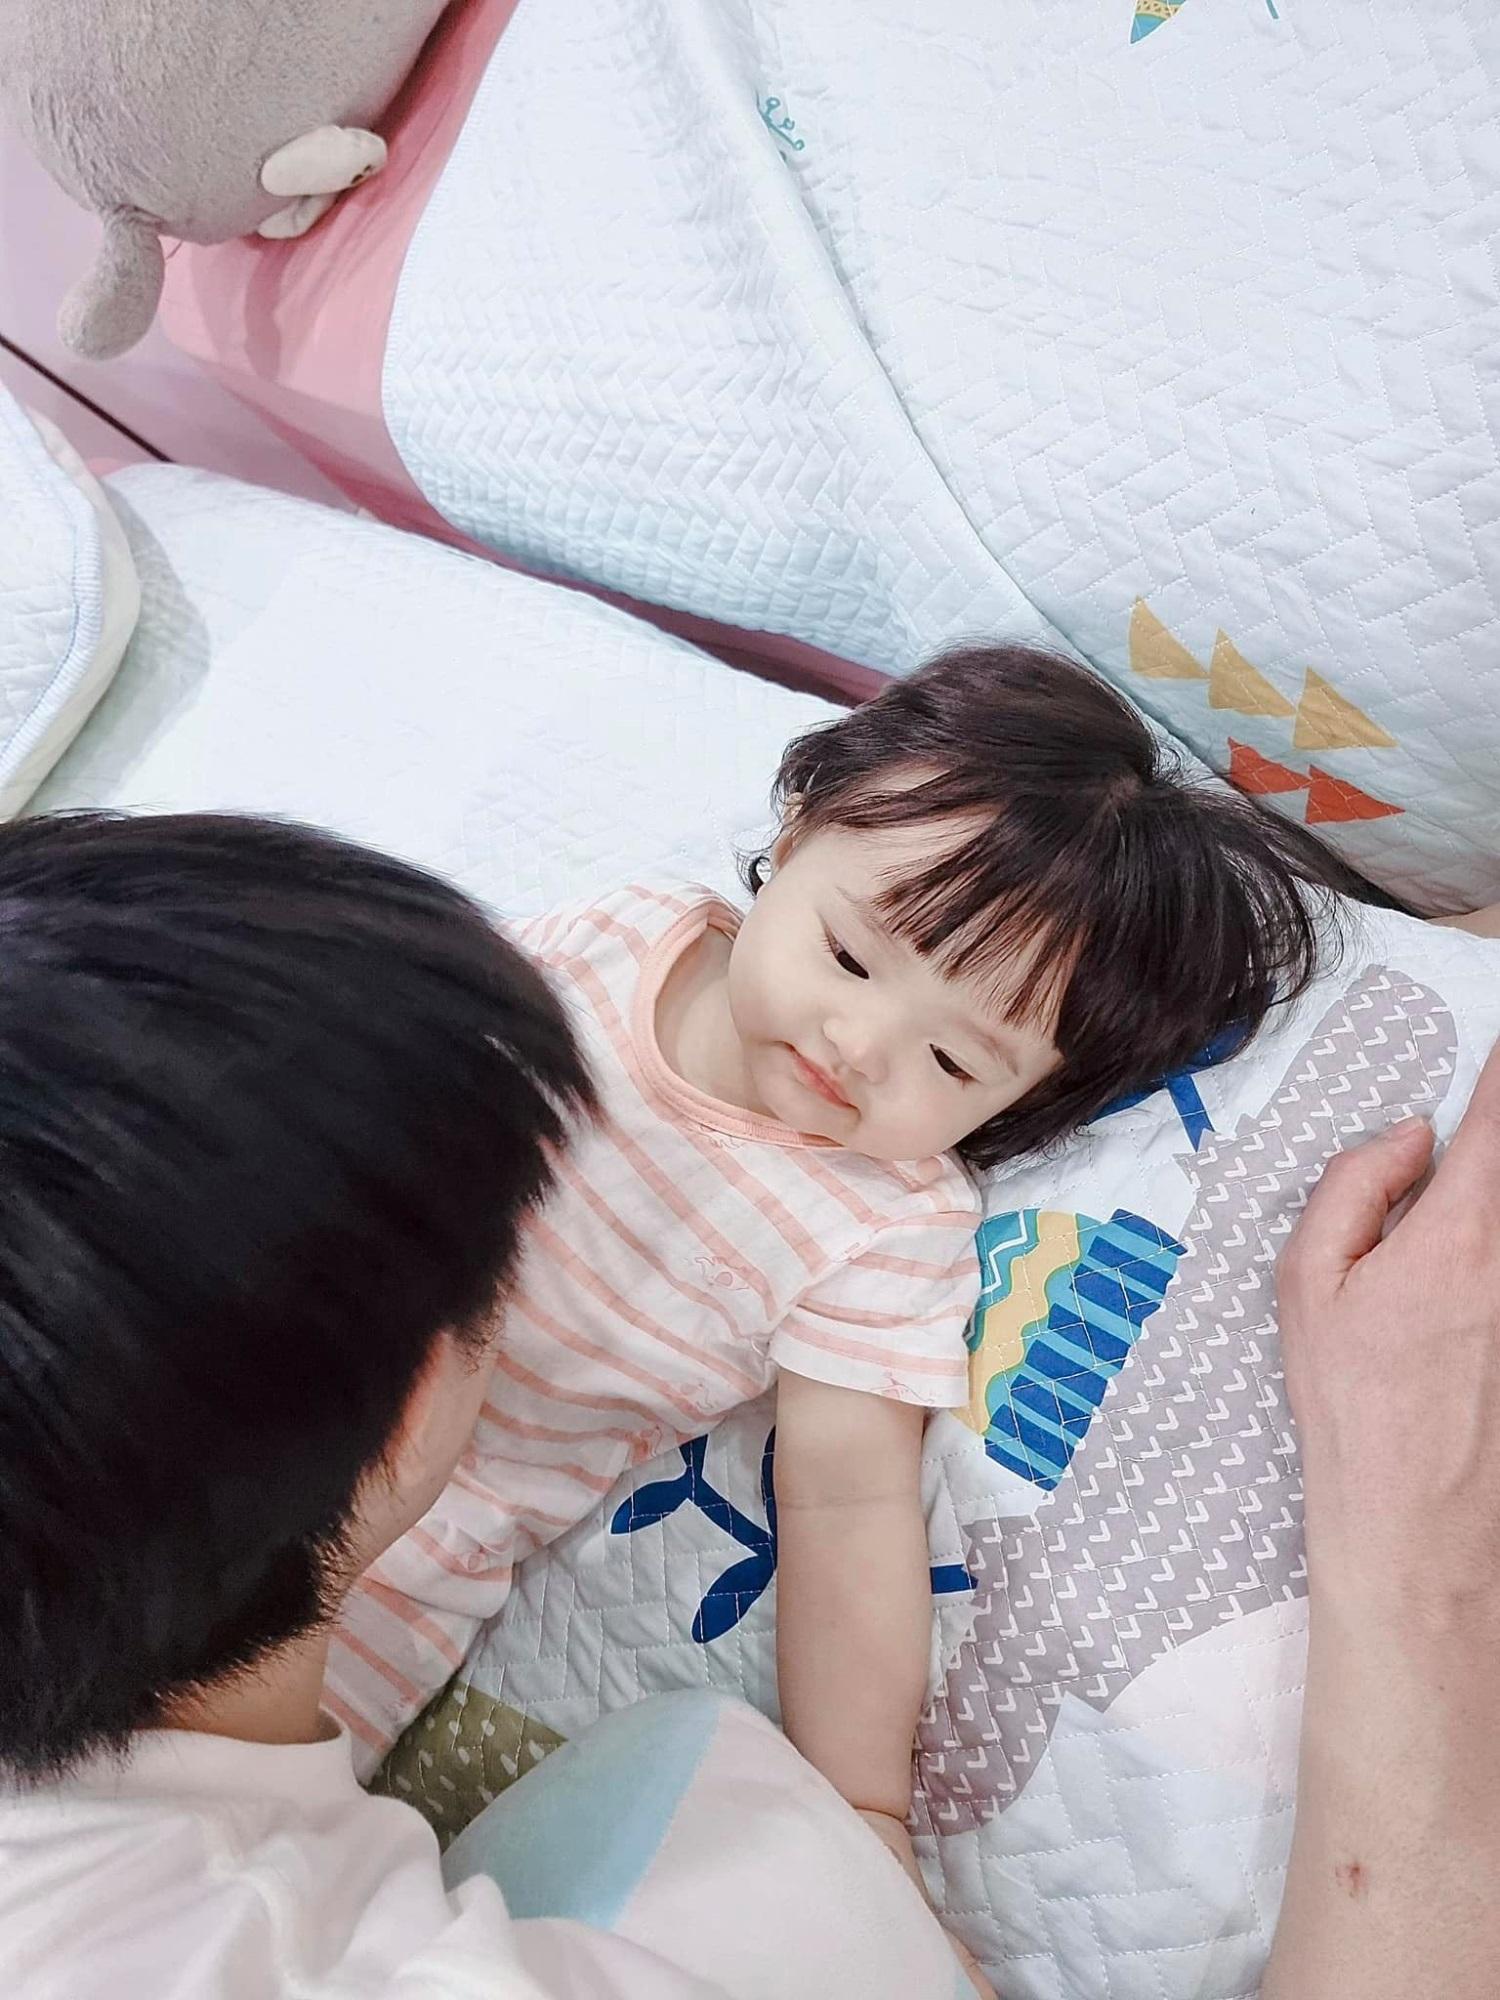 Sao Việt 24h: Hà Hồ khoe chân dài miên man cùng Lisa, Ông Cao Thắng tâm sự mỏng với 'thư ký cưng' của vợ - Ảnh 7